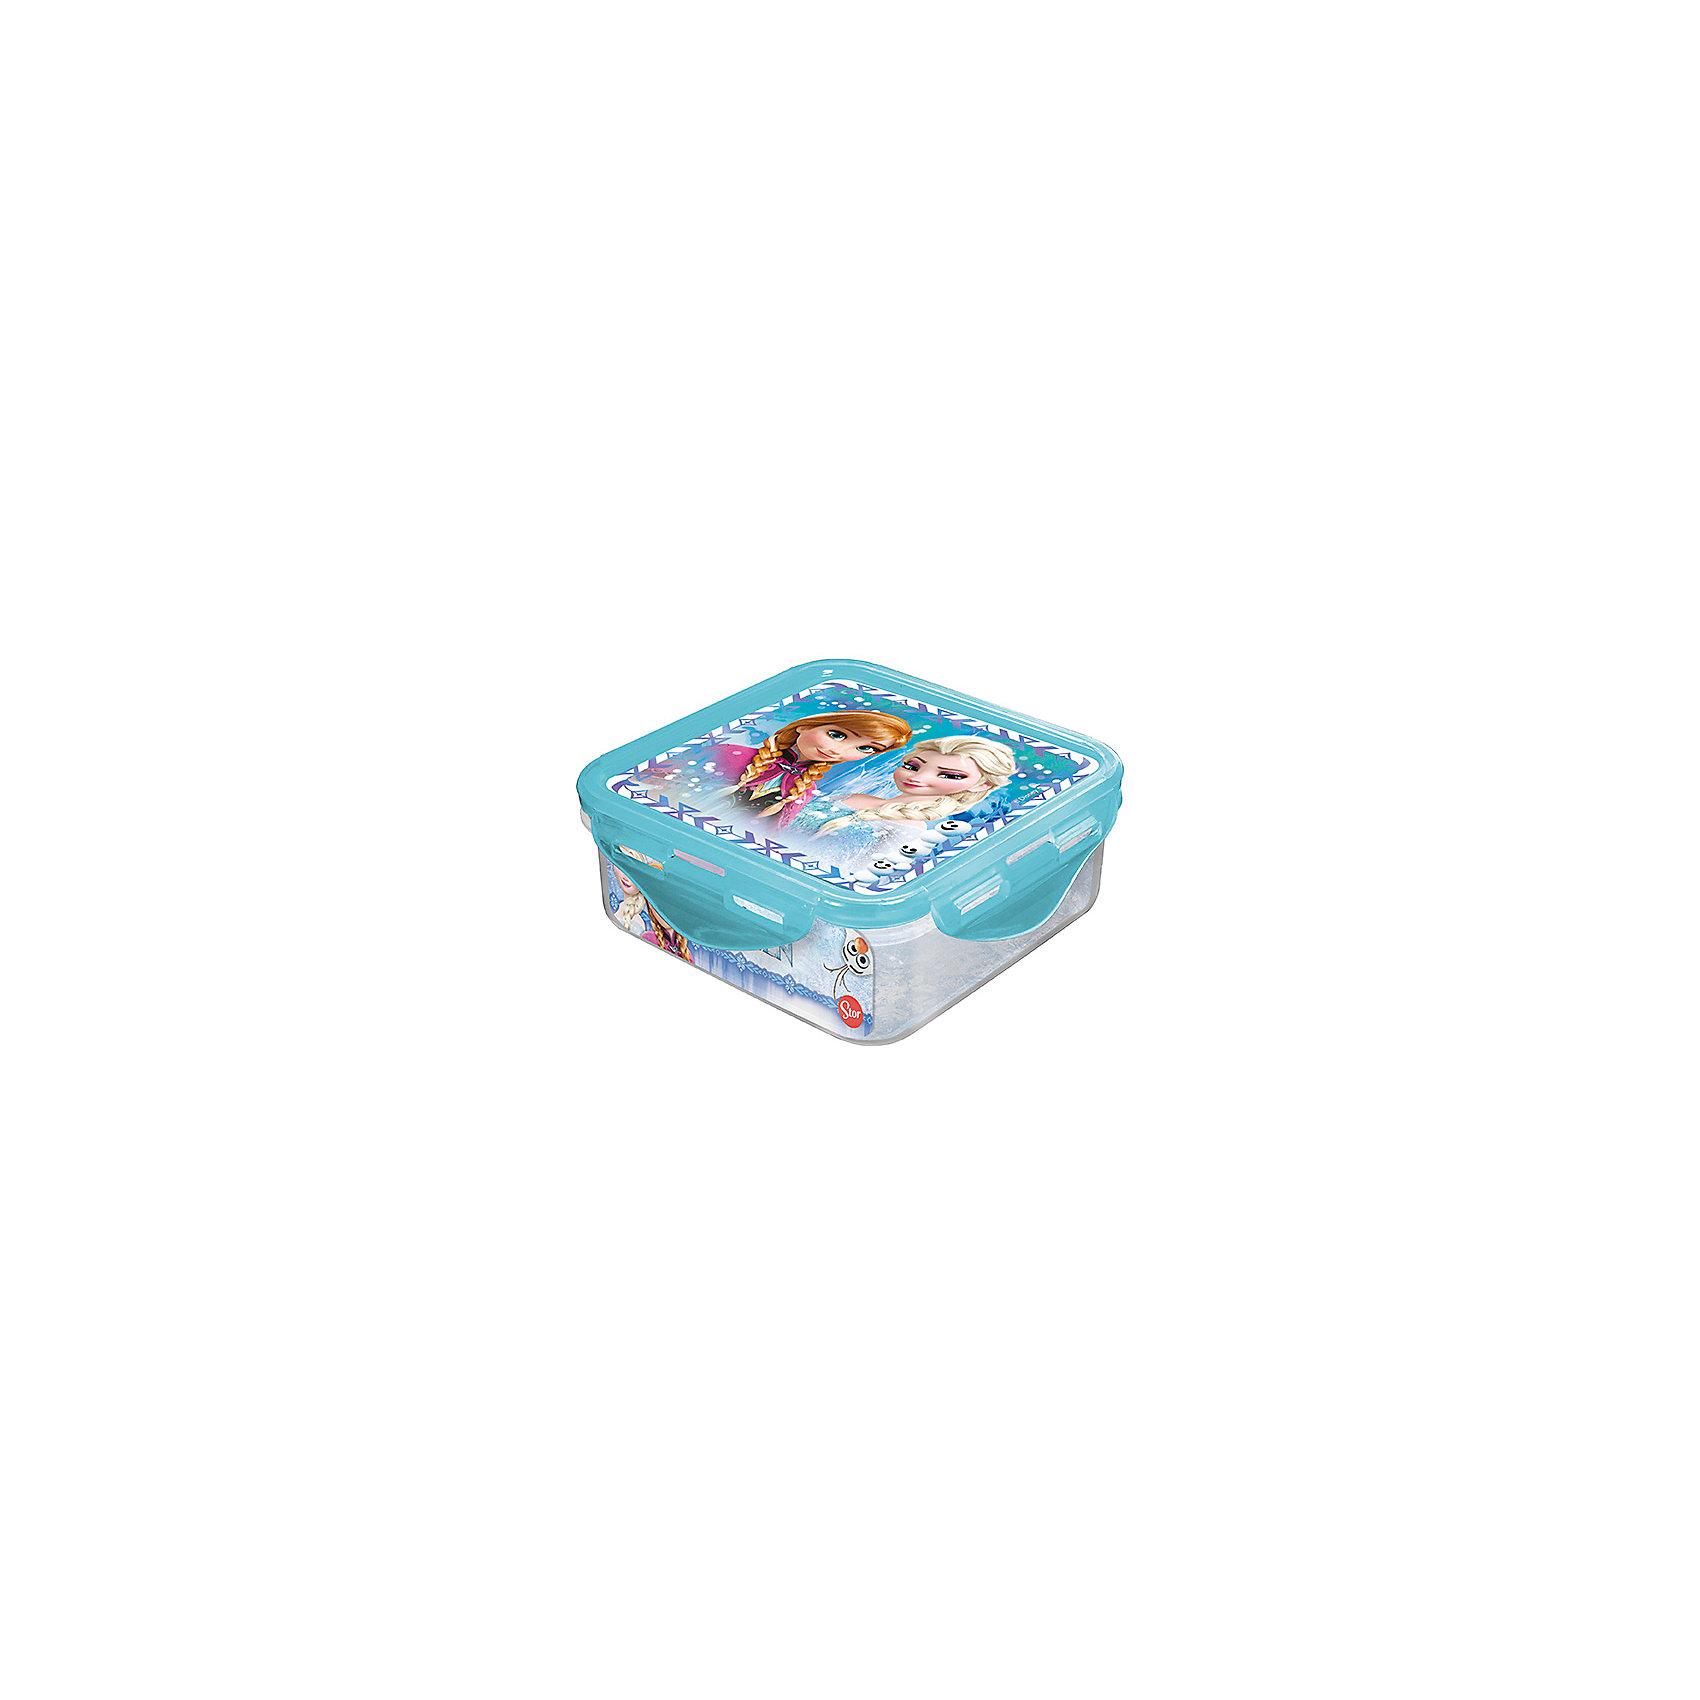 Контейнер пластиковый 500 мл., Холодное сердцеПосуда<br>Характеристики:<br><br>• возраст: от 3 лет;<br>• объем: 500 мл;<br>• дополнительные опции: с крышкой;<br>• материал: пищевой пластик;<br>• размер контейнера: 12,3х12,3х6,7 см;<br>• вес: 88 г.<br>   <br>Контейнер с крышкой предназначен для хранения пищевых продуктов. <br><br>Красочный контейнер с изображением любимых детских героев подойдет для школьных обедов. Компактная форма легко помещается в рюкзак. Крышка герметично закрывает контейнер и препятствует проникновению посторонних запахов. <br><br>Можно использовать с любыми видами пищевых продуктов.<br><br>Контейнер пластиковый 500 мл., Холодное сердце, Stor можно приобрести в нашем интернет-магазине.<br><br>Ширина мм: 123<br>Глубина мм: 67<br>Высота мм: 123<br>Вес г: 88<br>Возраст от месяцев: 36<br>Возраст до месяцев: 2147483647<br>Пол: Унисекс<br>Возраст: Детский<br>SKU: 7010333